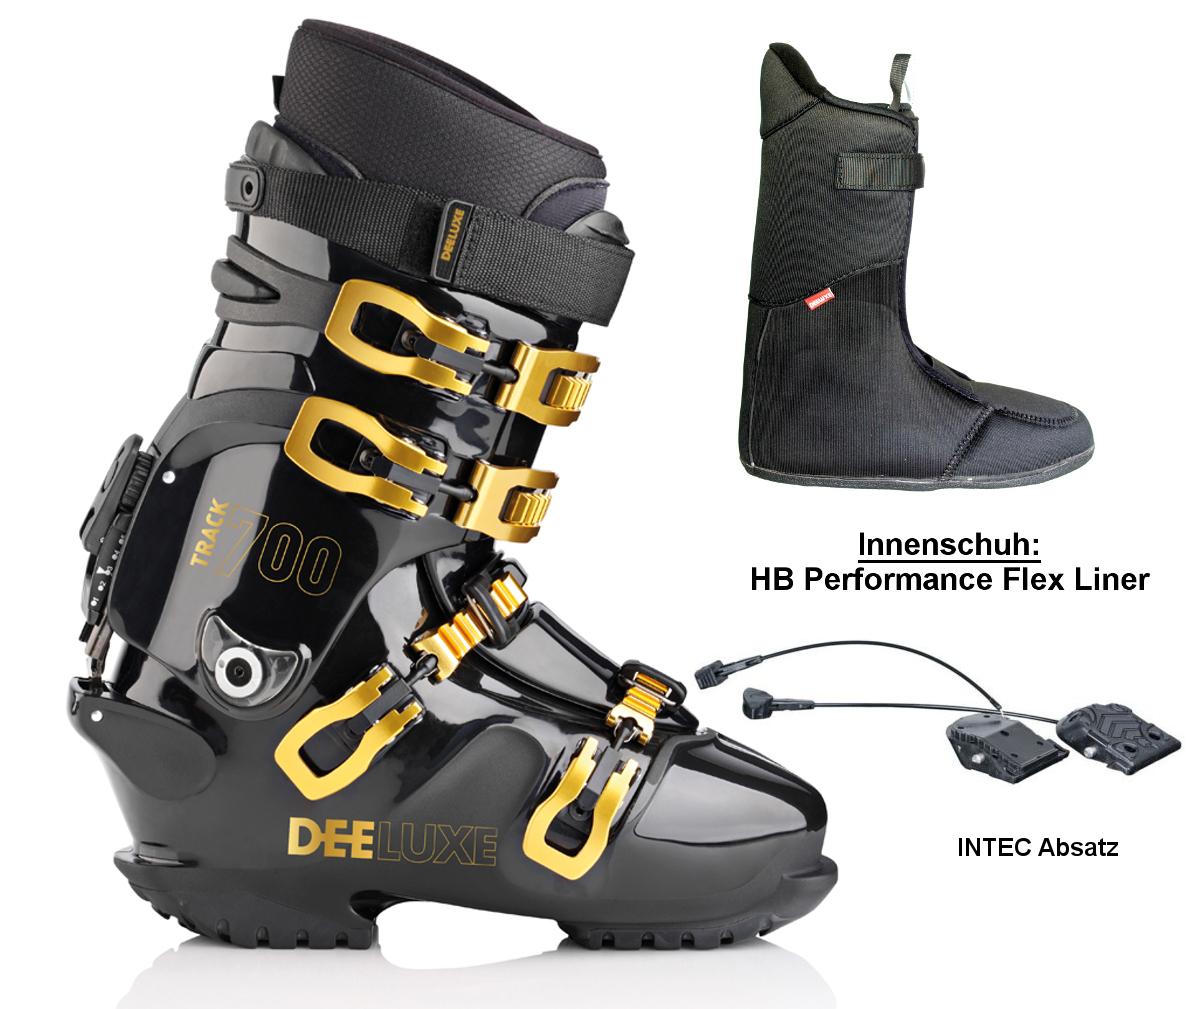 Intec Absatz DEELUXE TRACK 325 black SNOWBOARDSCHUH HARDBOOT HP-Flex Innenschuh